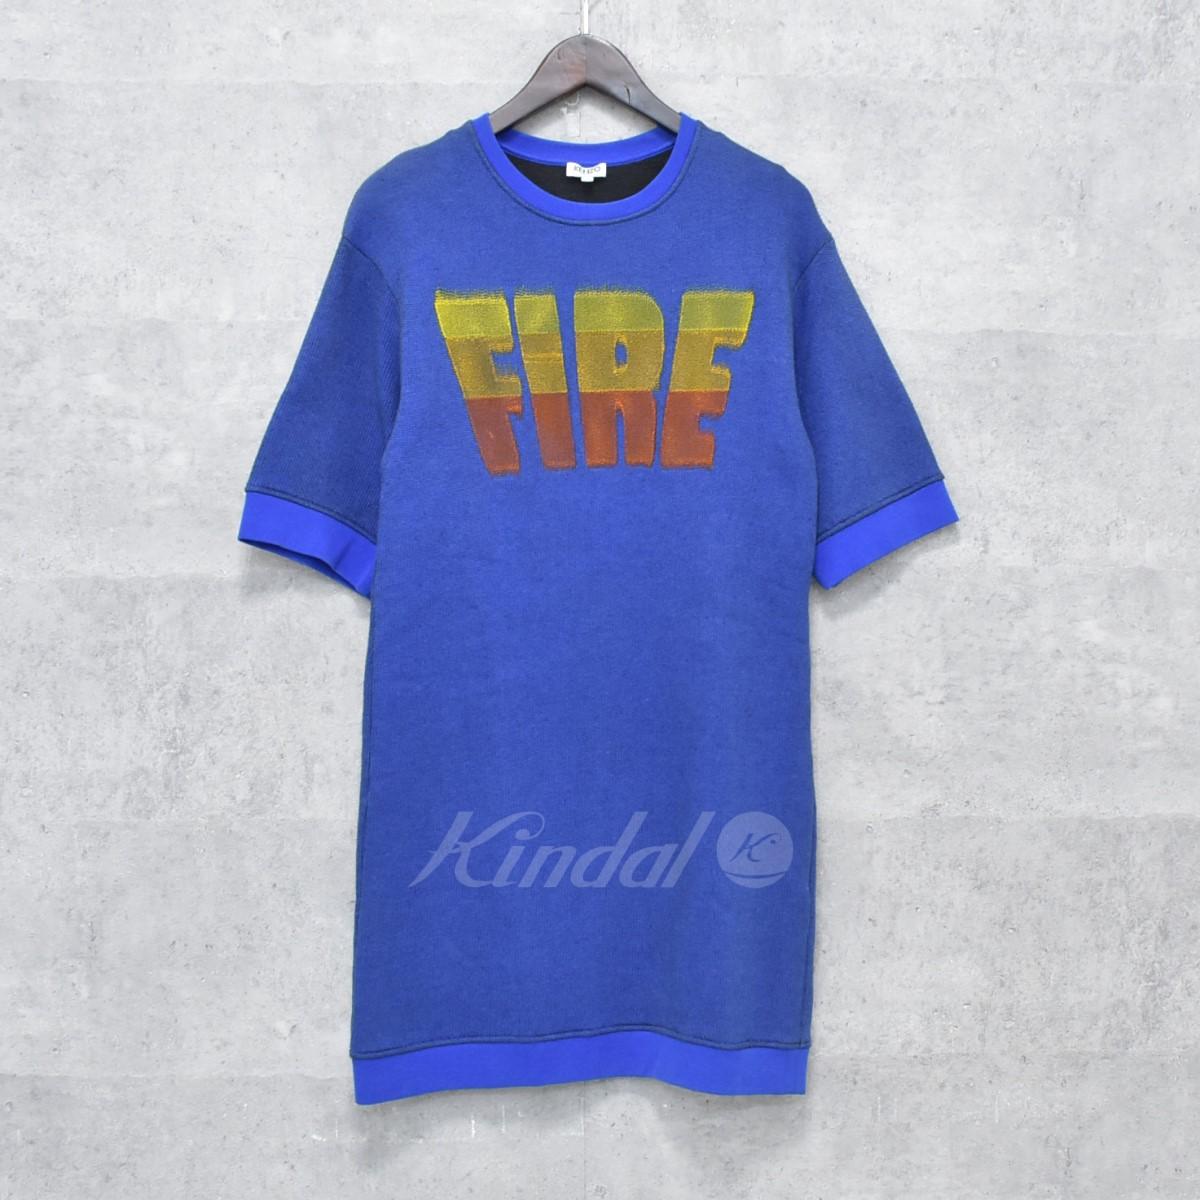 【中古】KENZO FIRE Dress 半袖スウェット ワンピース ブルー サイズ:S 【送料無料】 【251018】(ケンゾー)